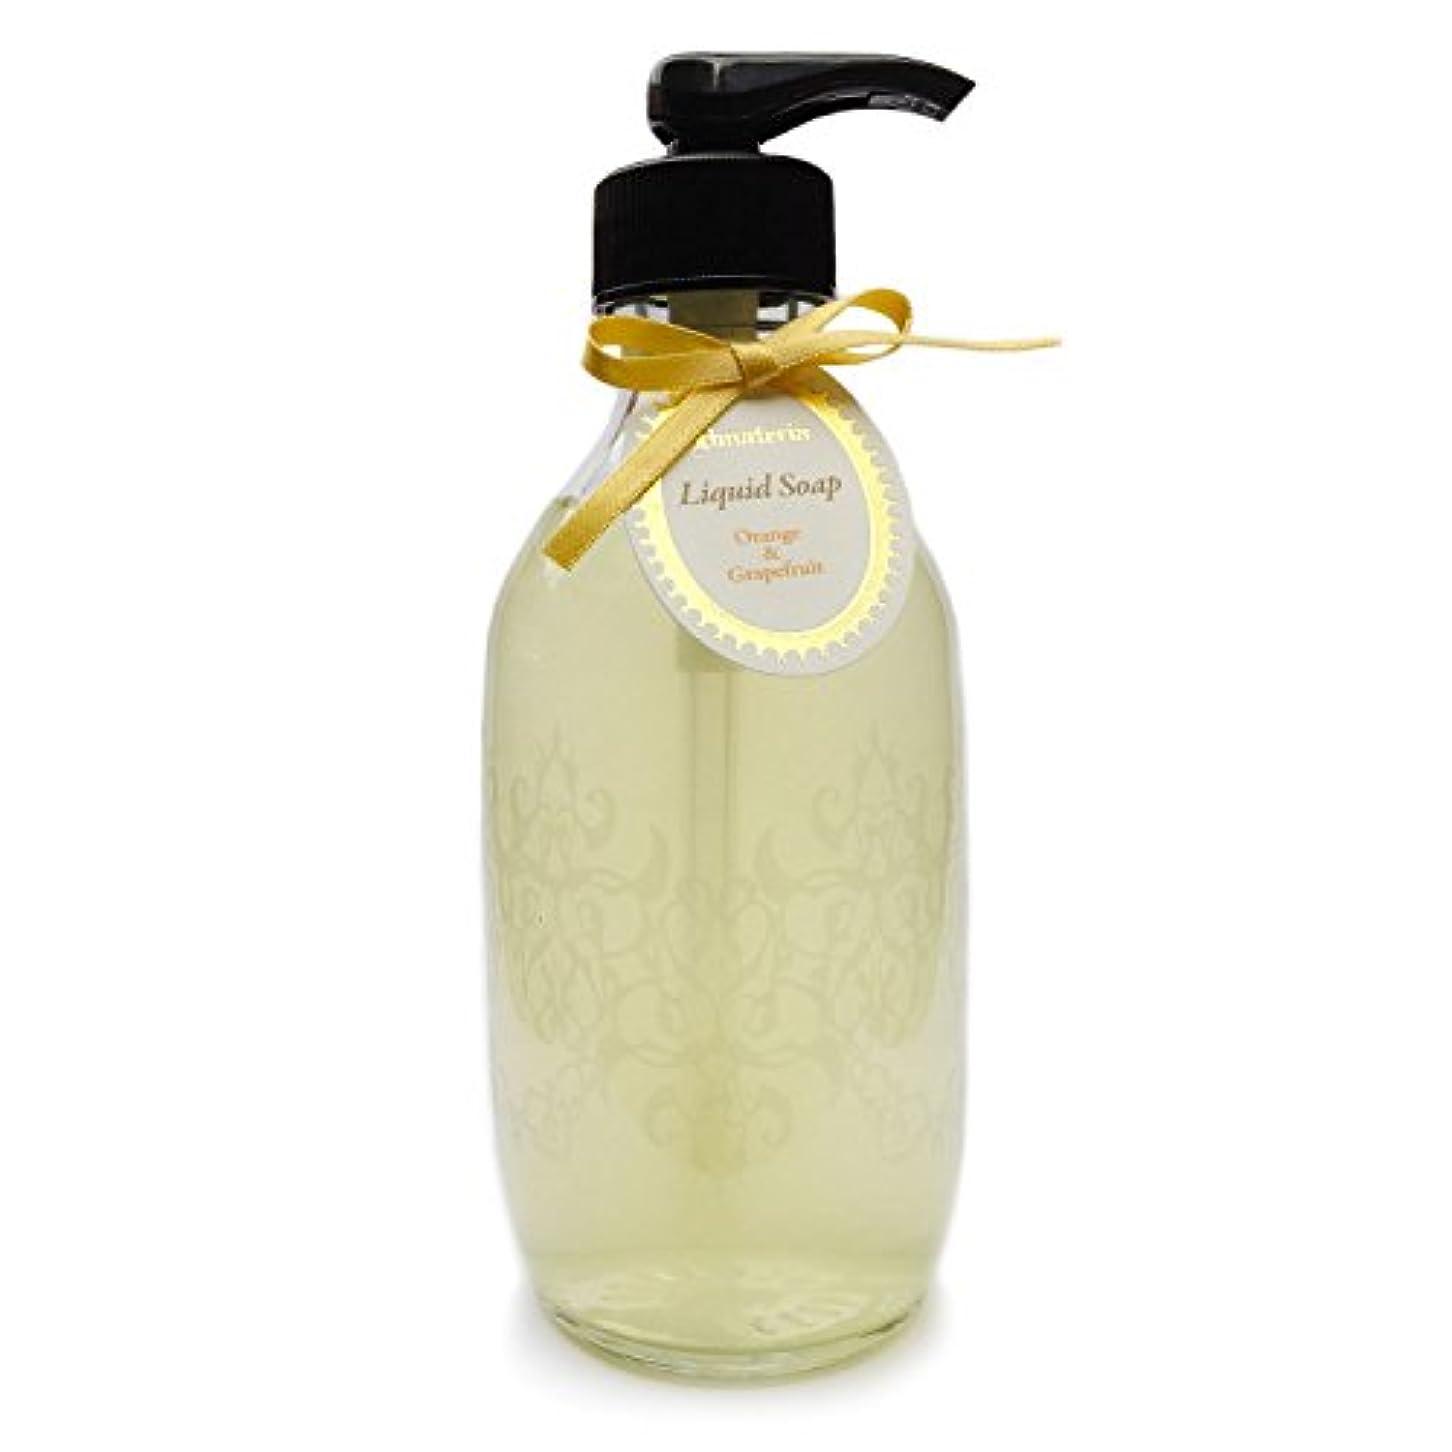 タンカーインポート発音D materia リキッドソープ オレンジ&グレープフルーツ Orange&Grapefruit Liquid Soap ディーマテリア